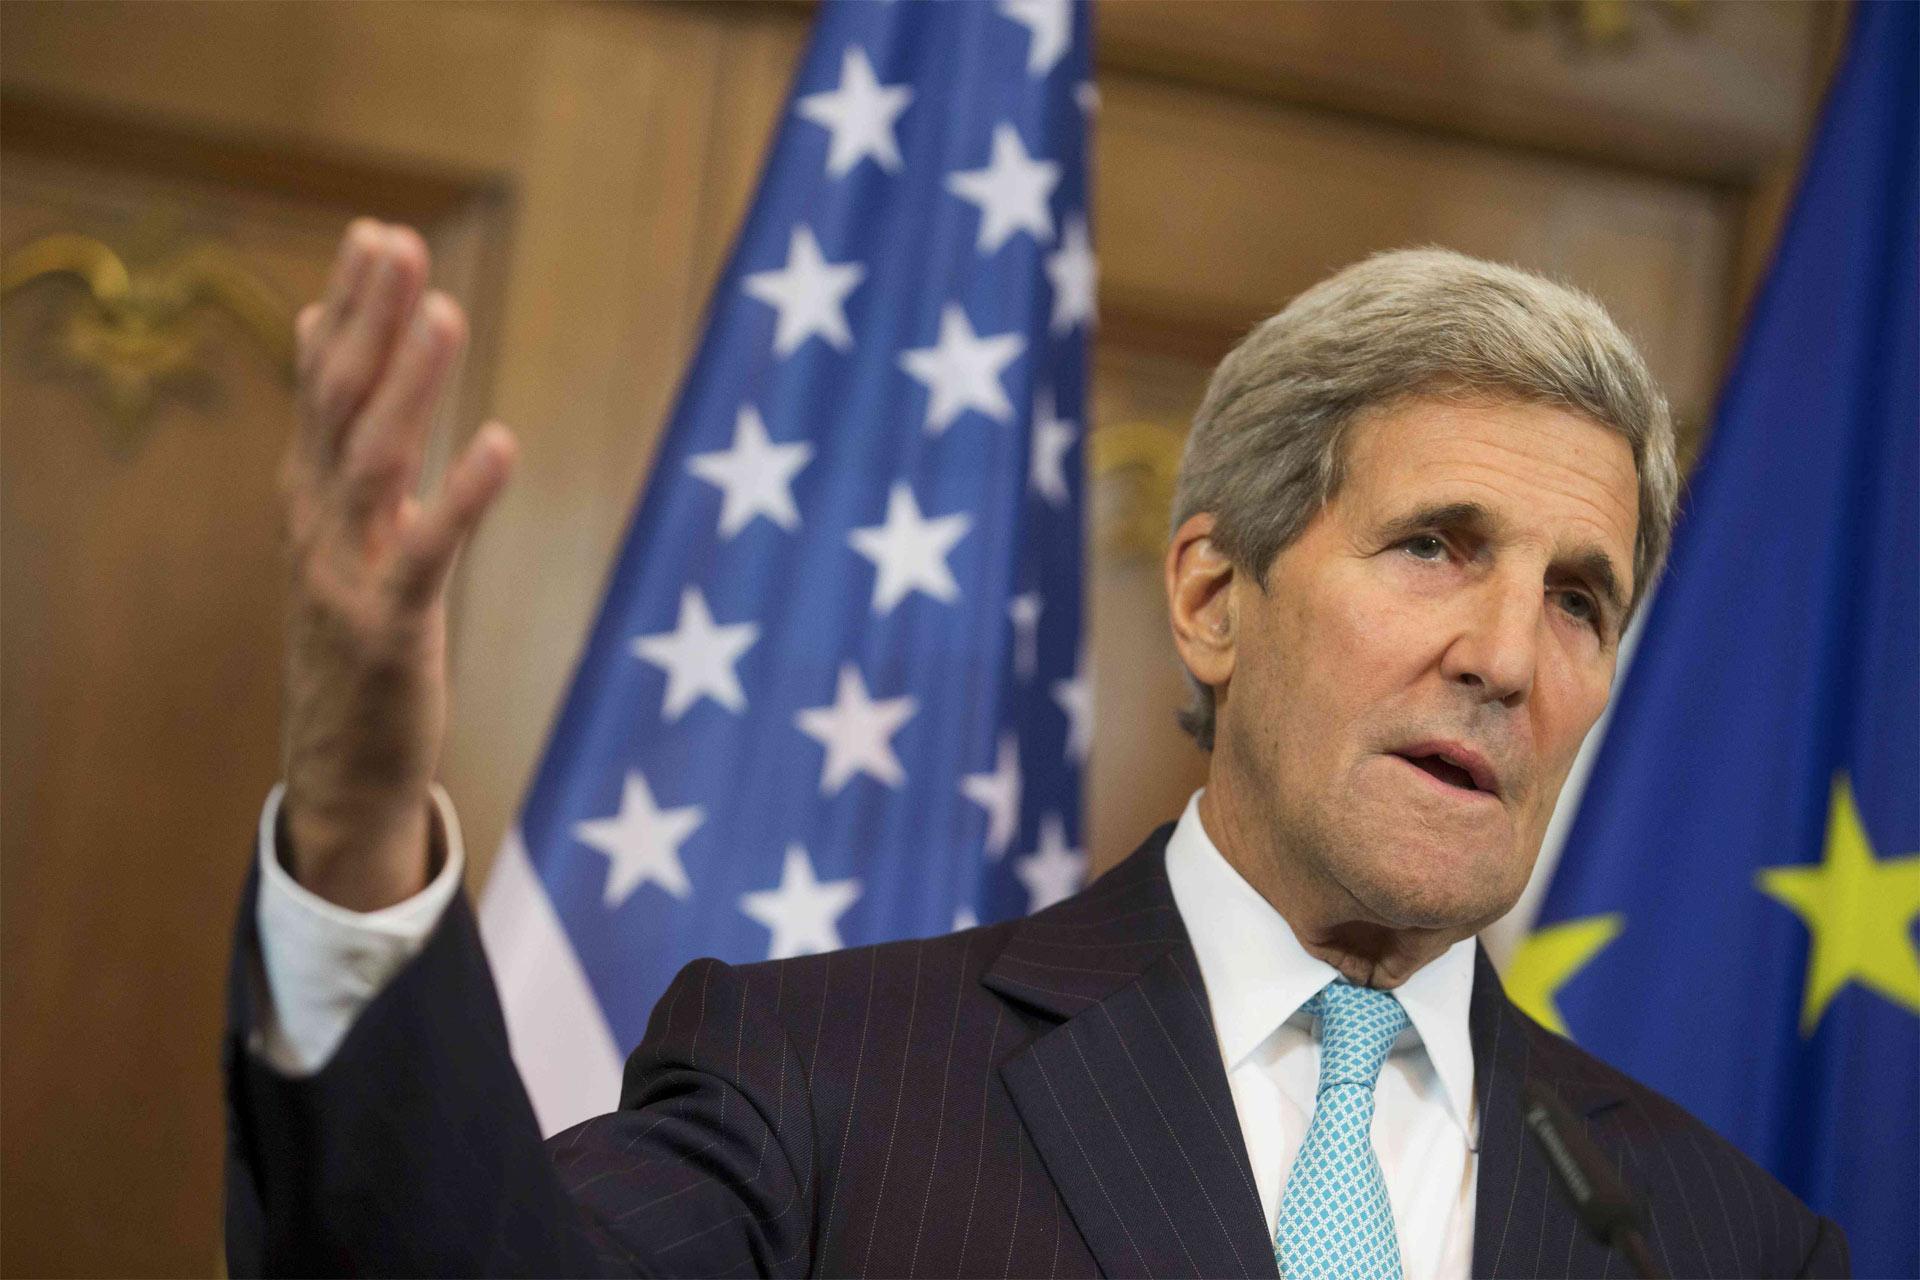 El secretario de Estado norteamericano opina que el bloqueo a Cuba terminará antes de que exista democracia